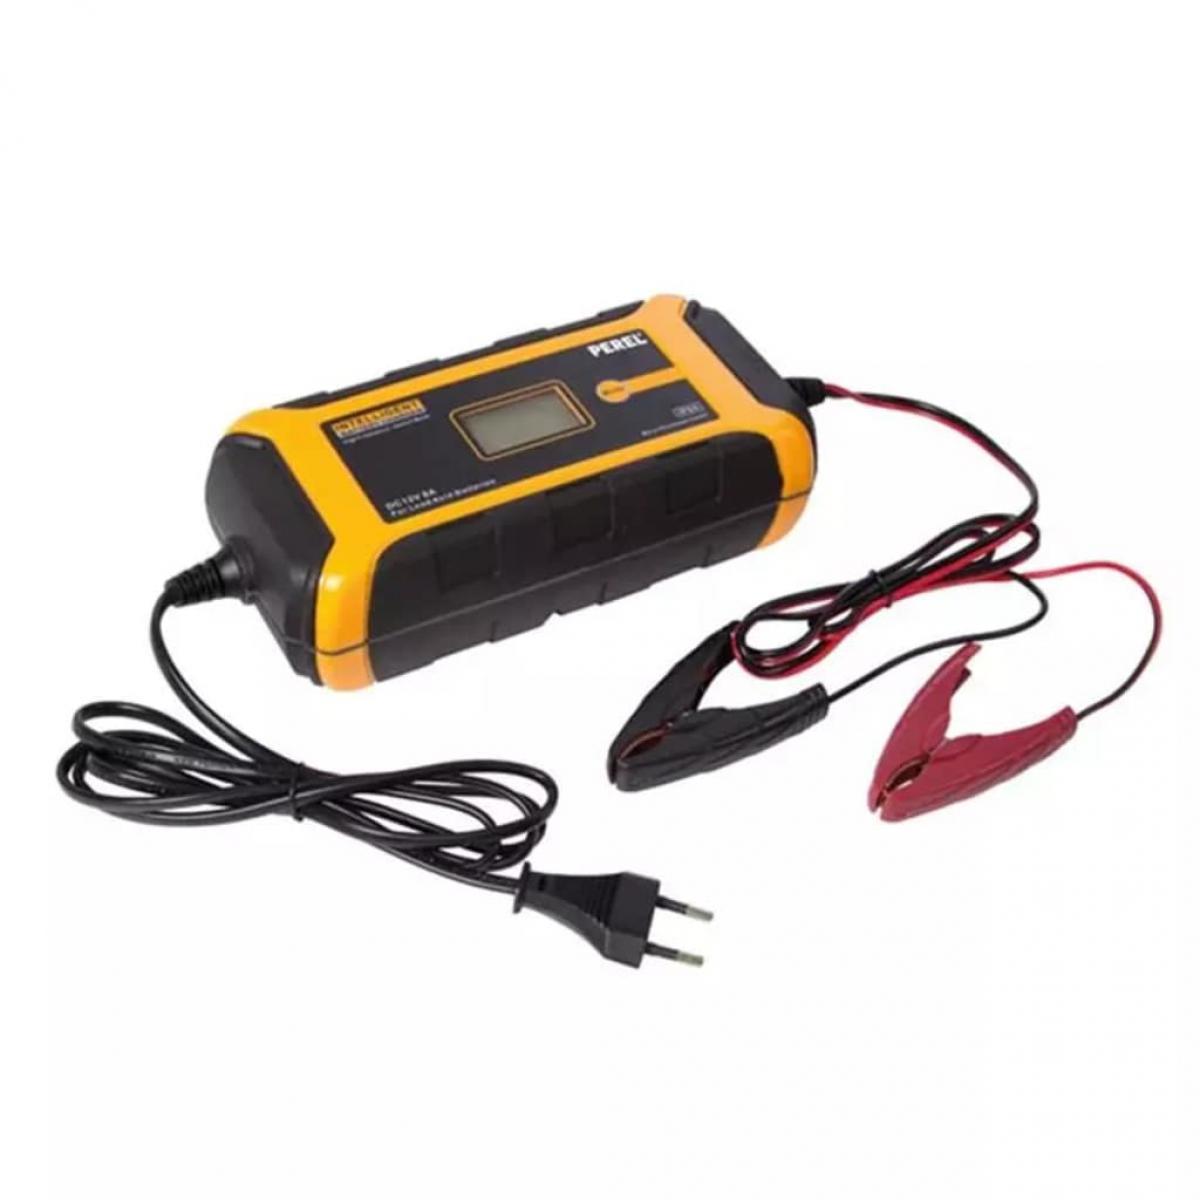 Perel Perel Chargeur Intelligent Pour Batterie à Acide De Plomb - 12 Vdc - 8 A